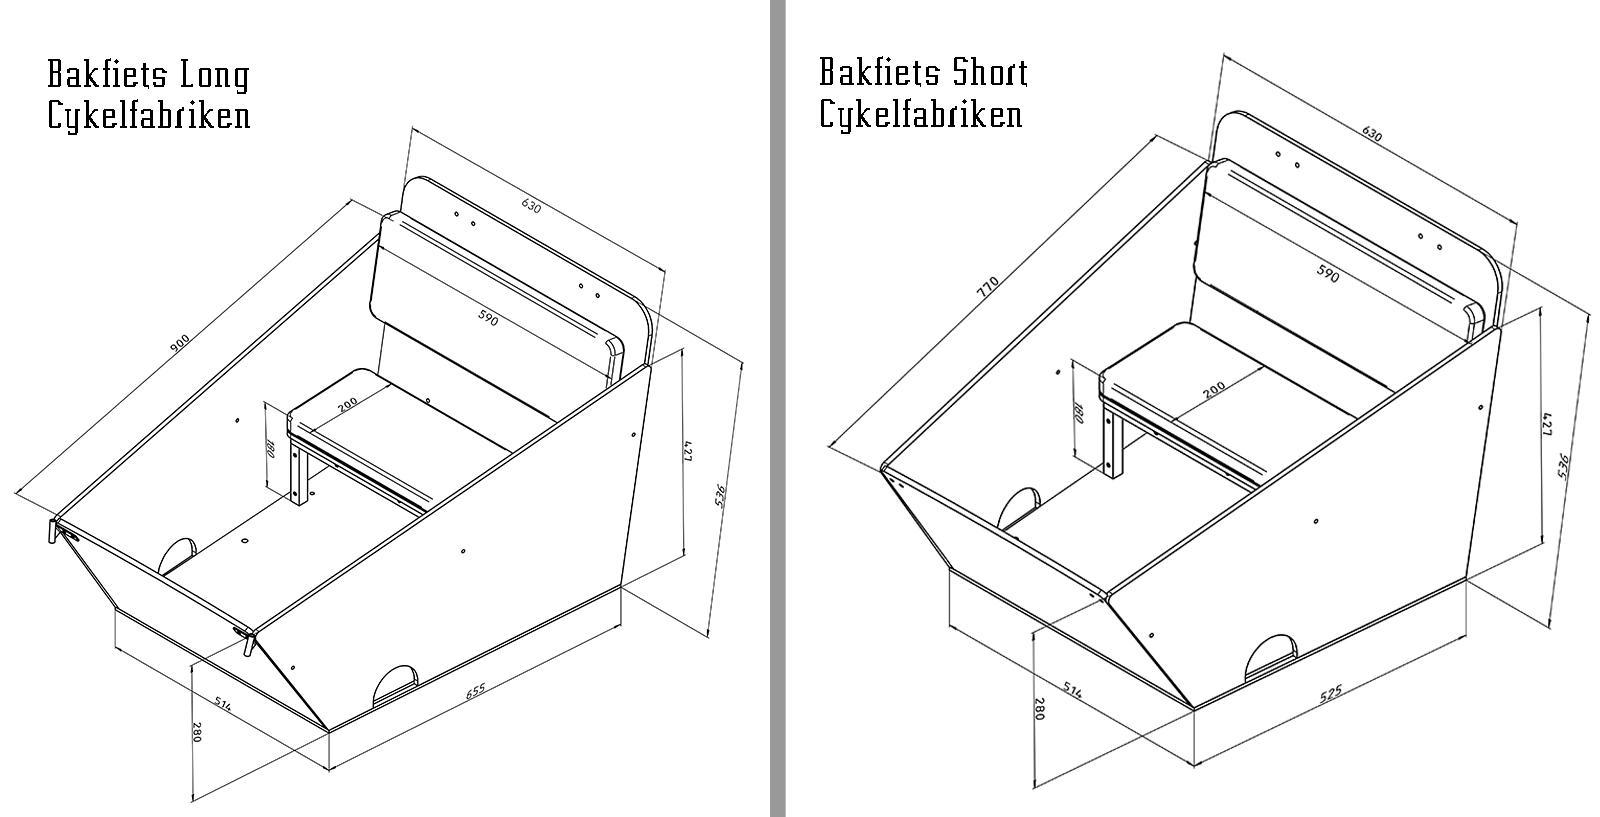 Bakfiets_box_clients_1xxx